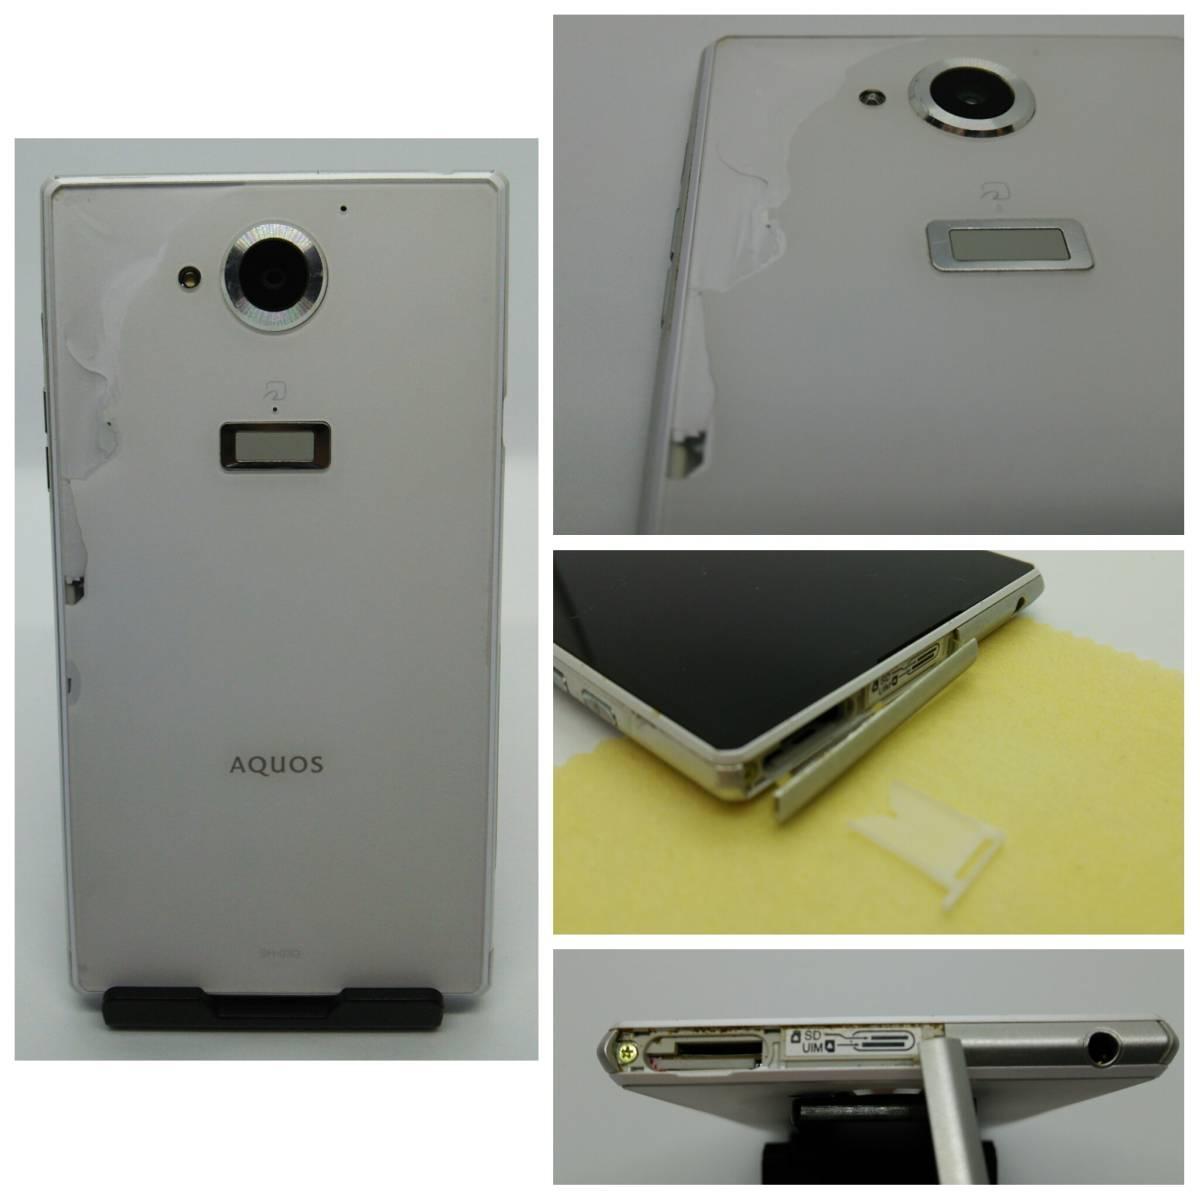 ※SIMロック解除済み※ docomo/AQUOS ZETA SH-03G(ブラック)5.5インチ Android6.0.1 オクタコア フルセグ ※本体のみ ※念の為ジャンク扱い_画像4